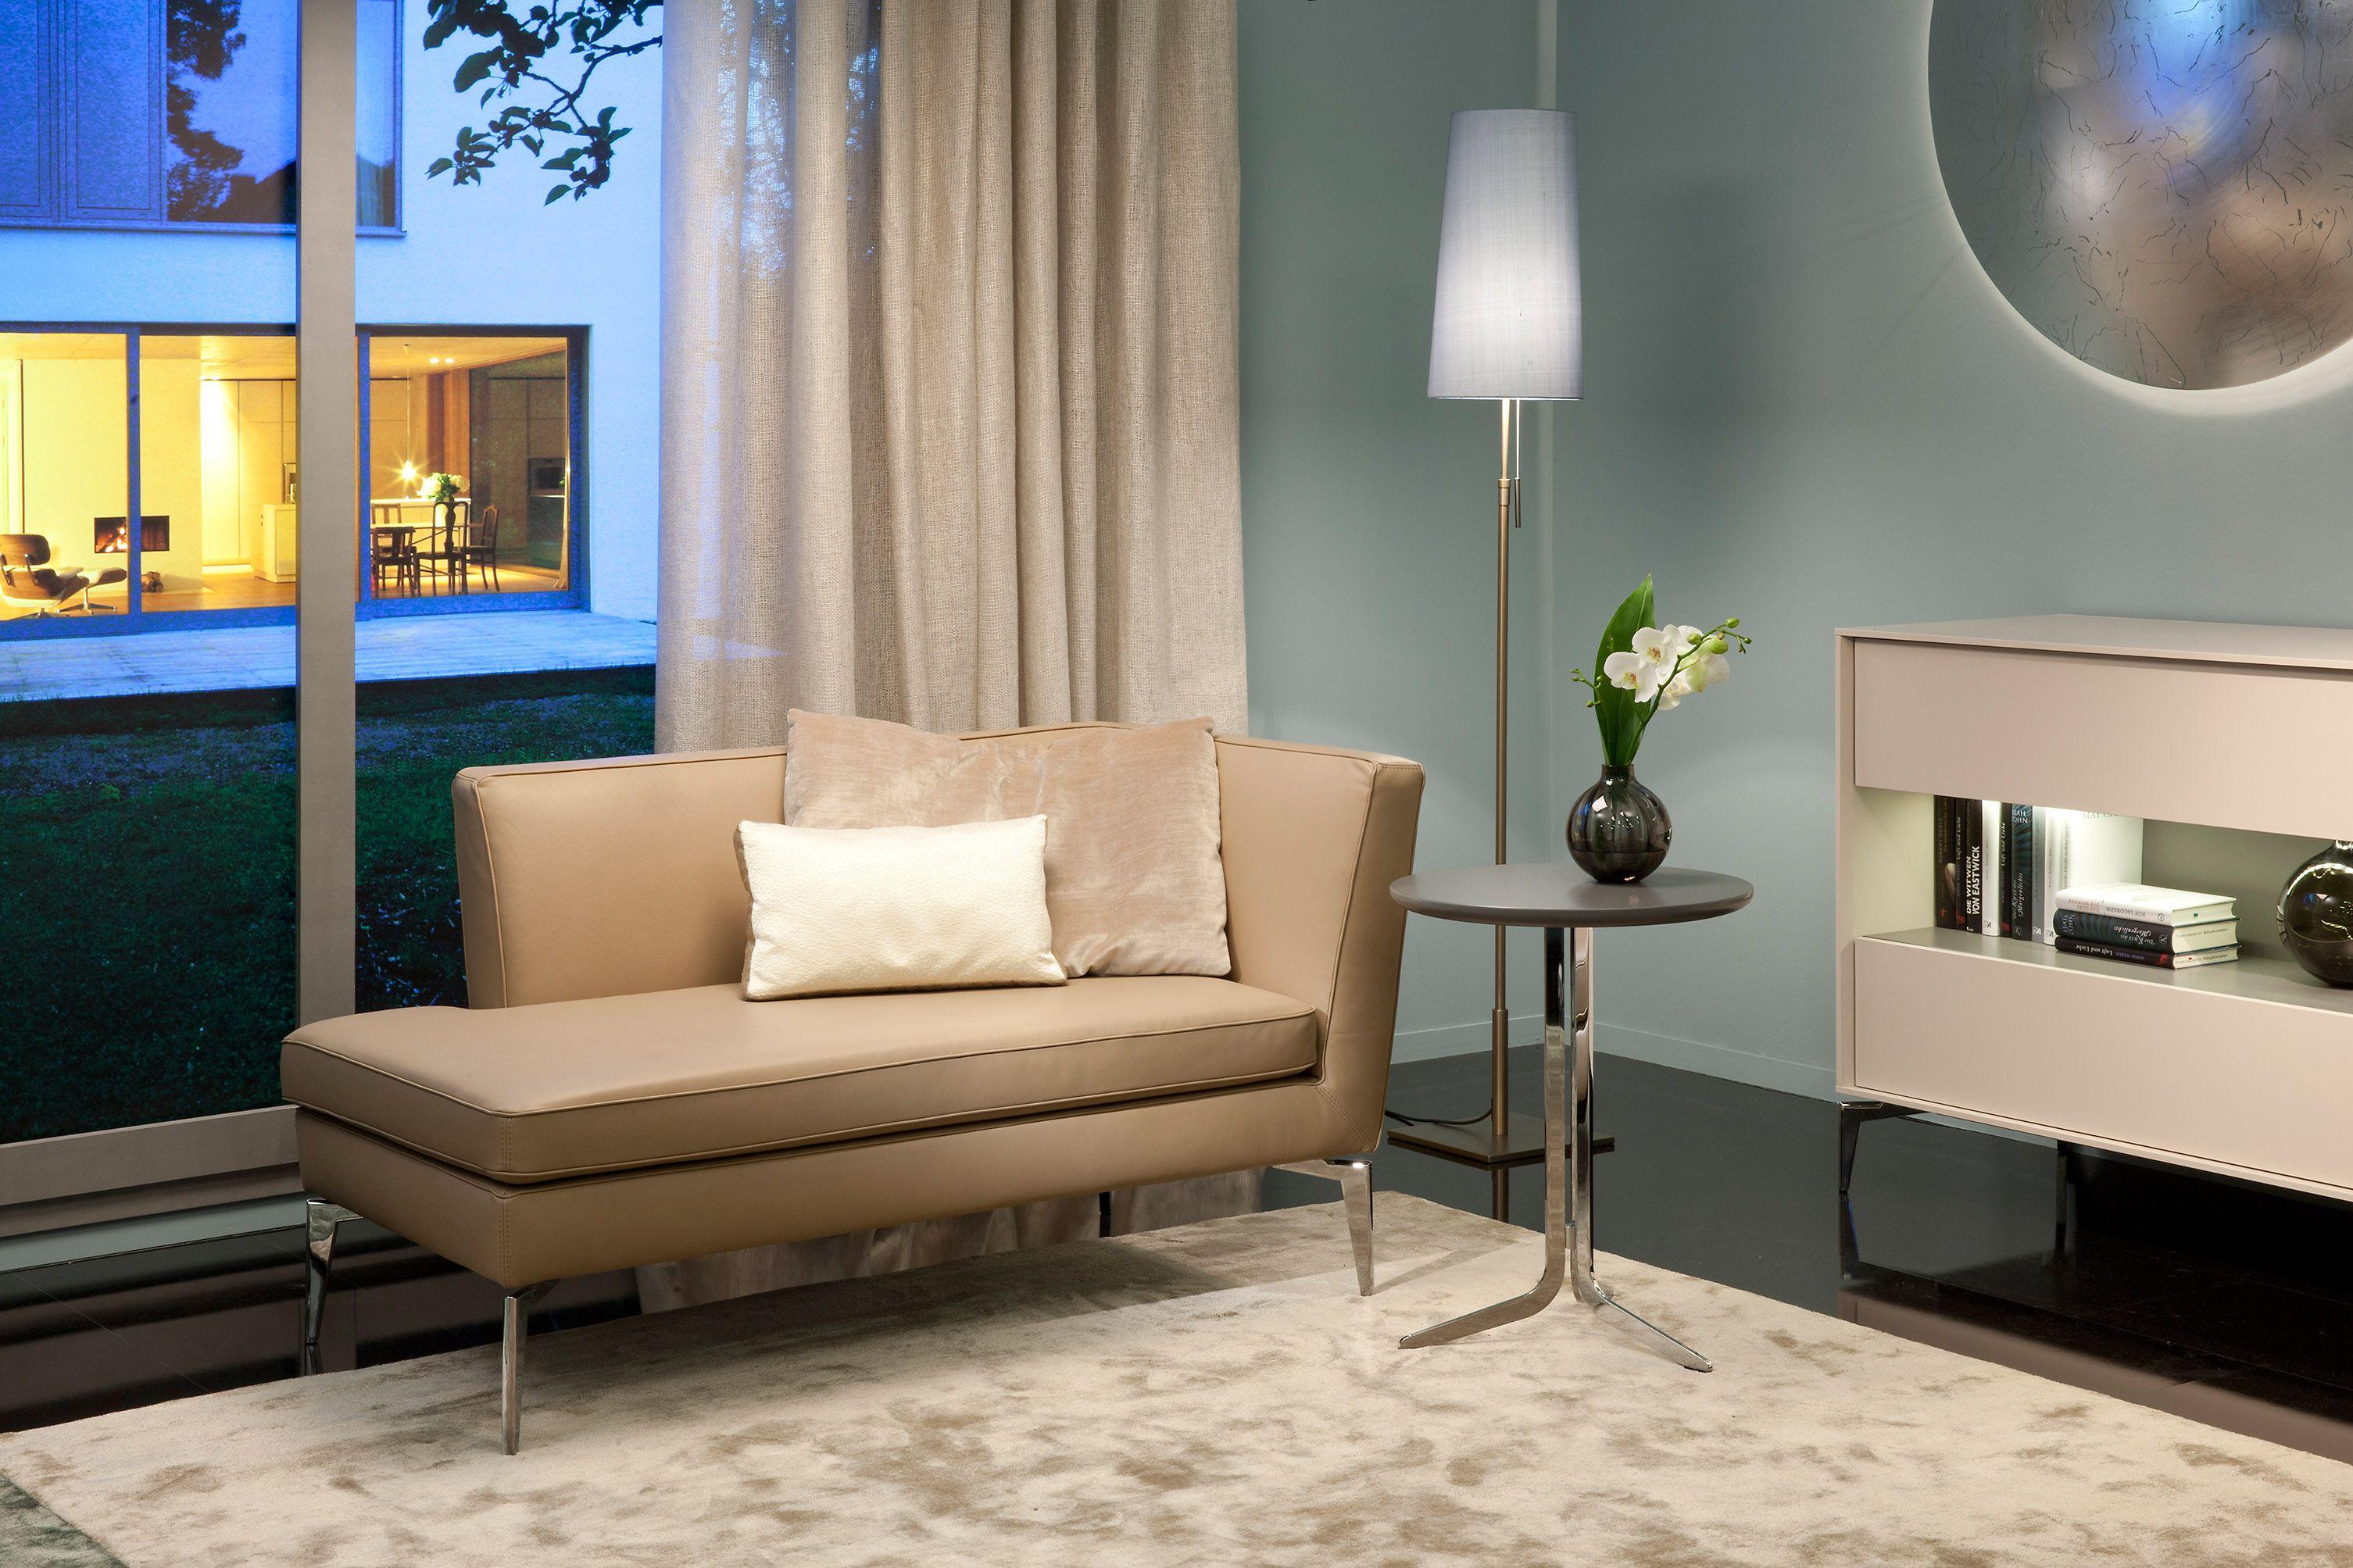 christine_kröncke_möbel #christine_kröncke #interior_design, Wohnzimmer